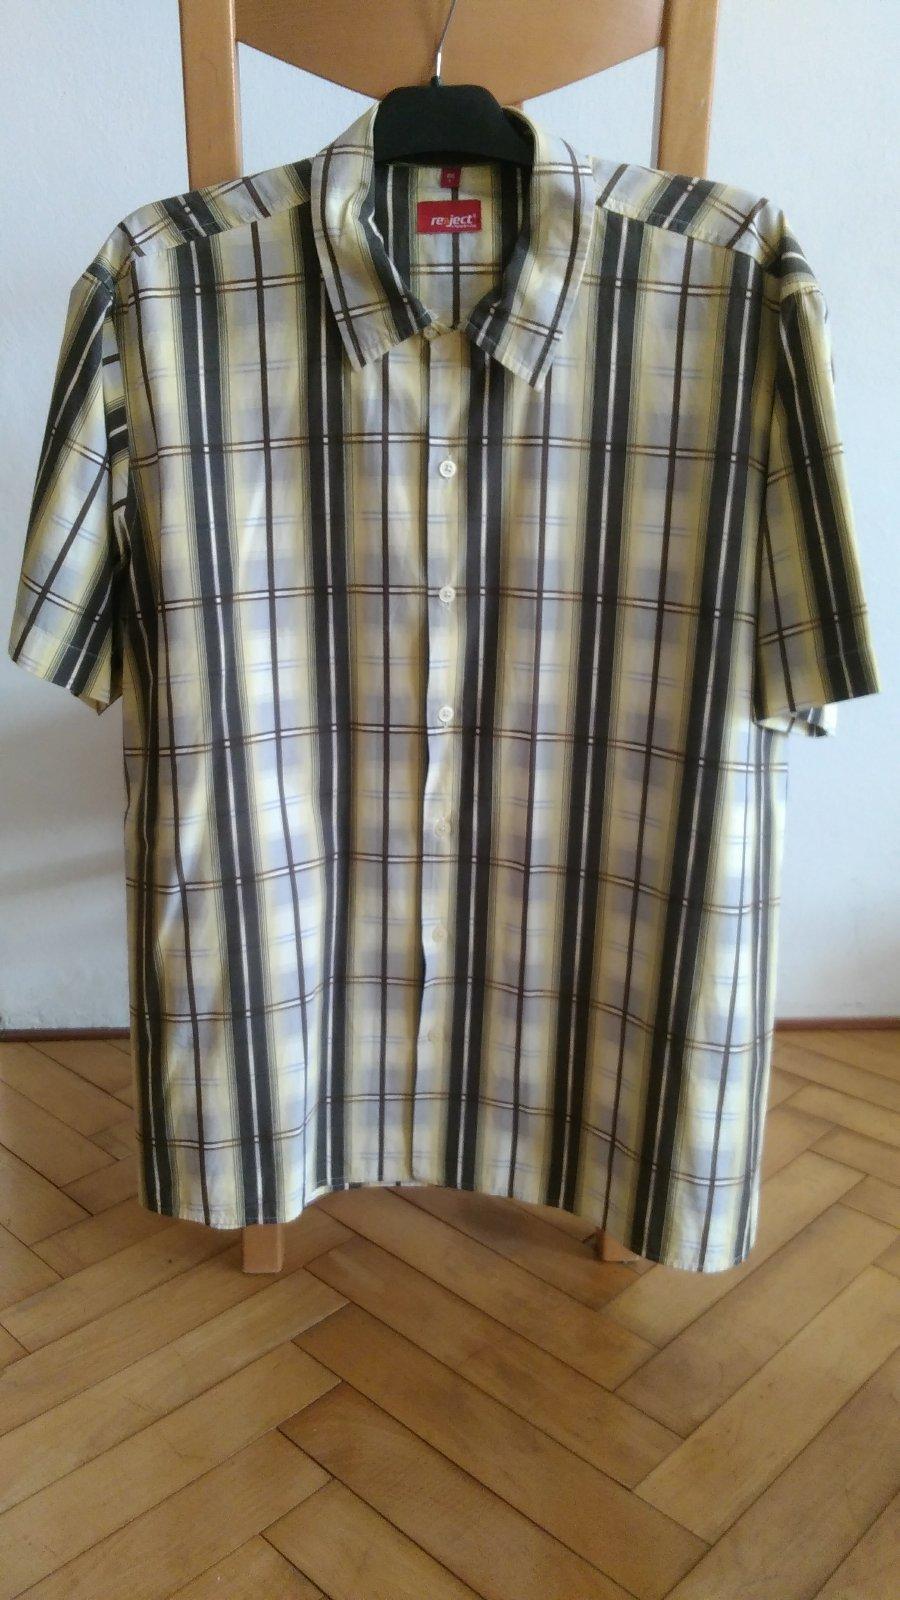 c3a85cf5024b Pánska košeľa s krátkym rukávom 52 54 nová